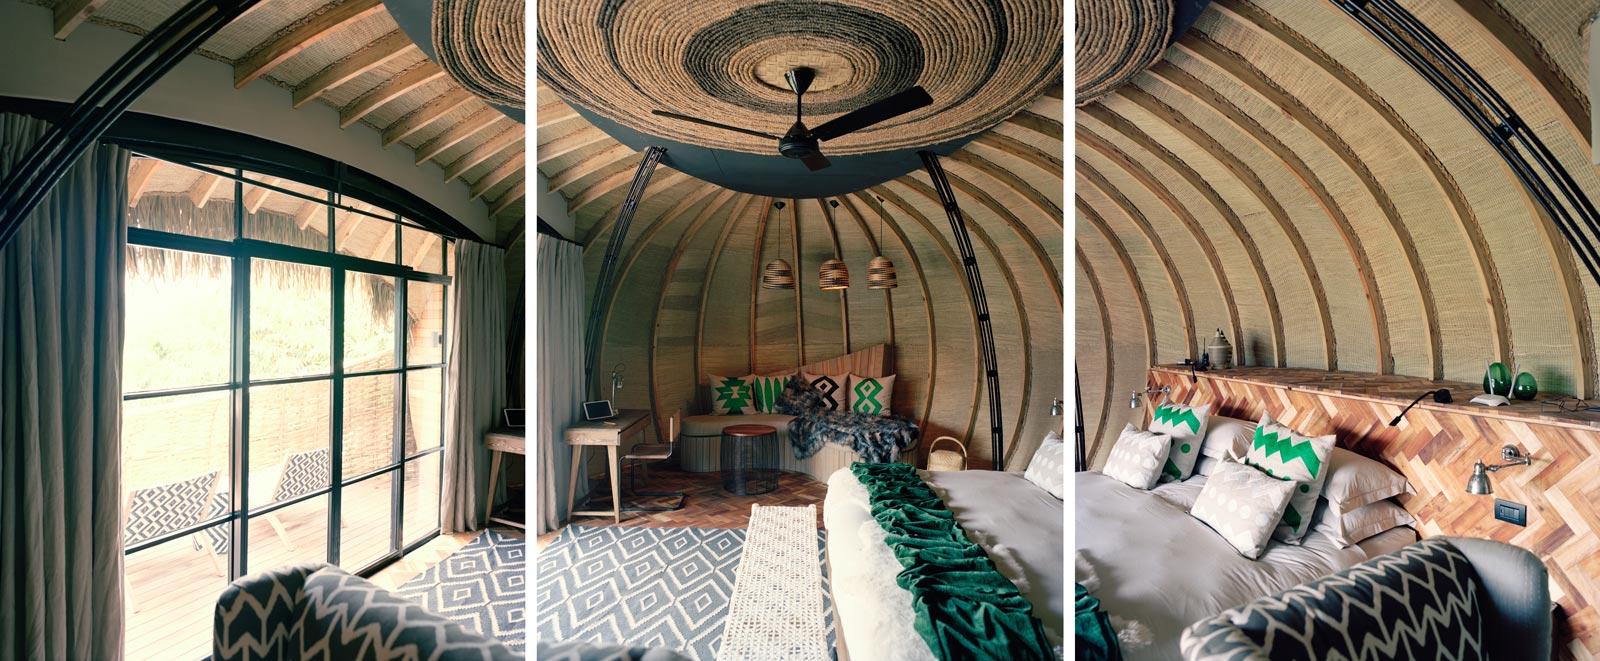 bisate-lodge-interior-RWANDA0118